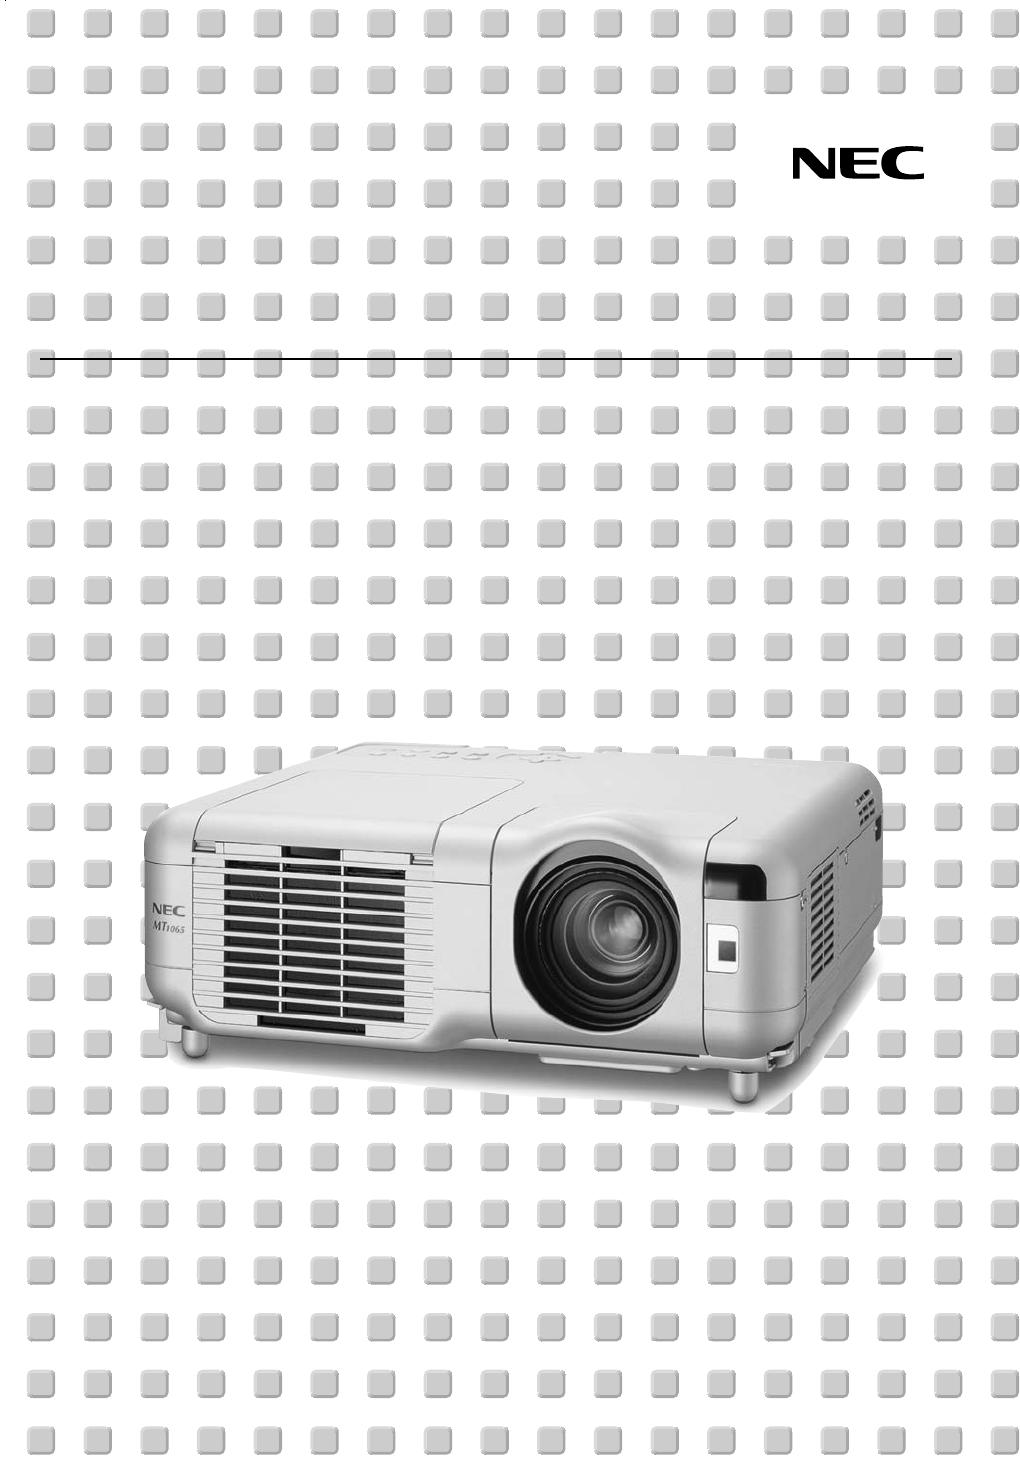 nec projector mt1060 user guide manualsonline com rh manualsonline com LCD Projector Screen epson lcd projector user manual